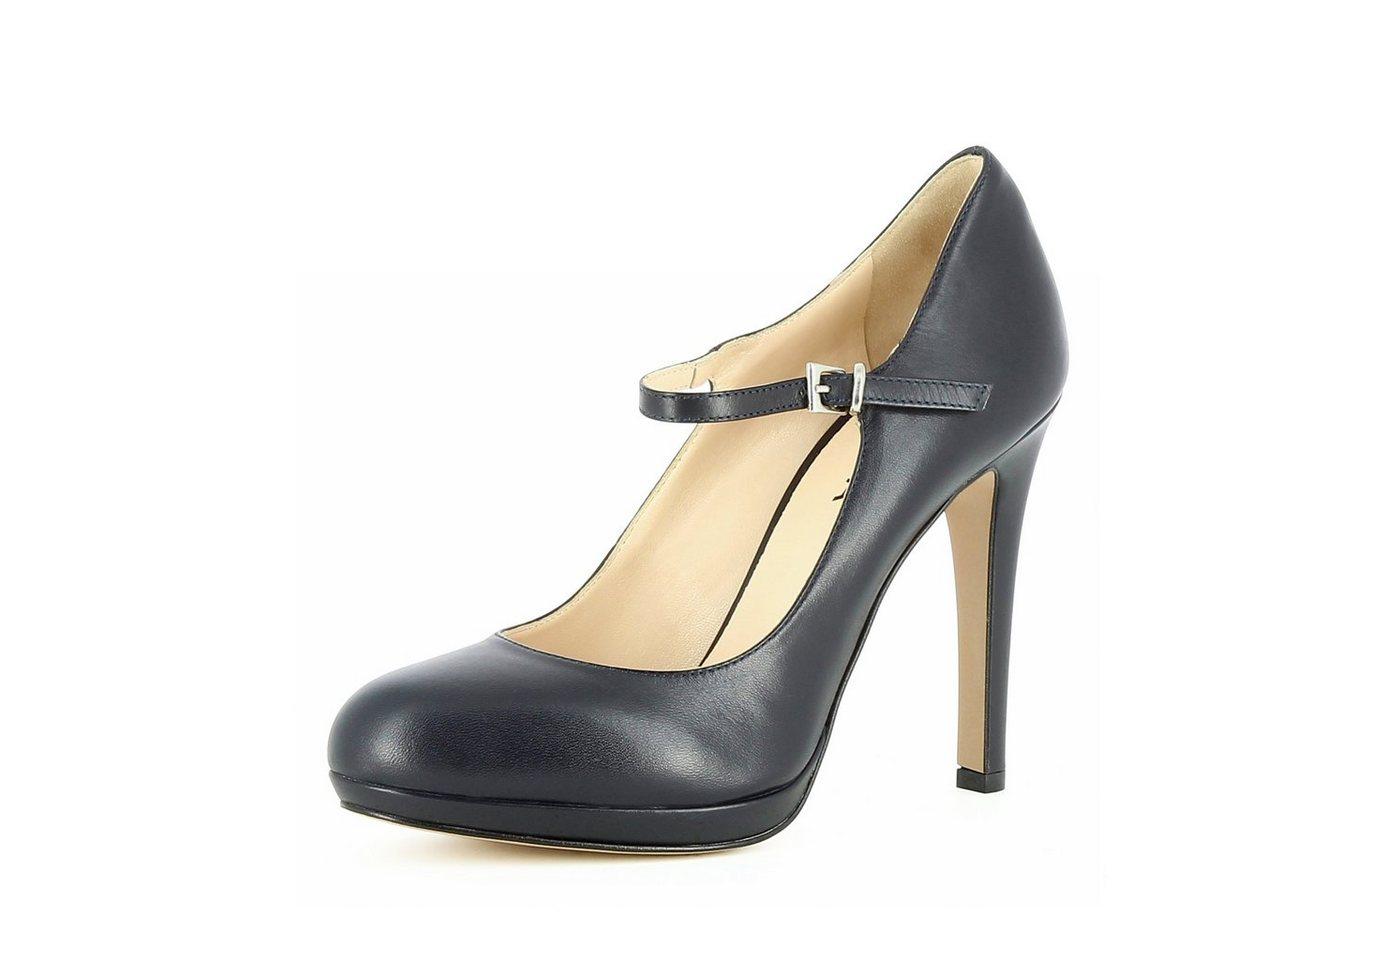 Evita »CRISTINA« Plateaupumps | Schuhe > Pumps > Plateaupumps | Blau | Evita